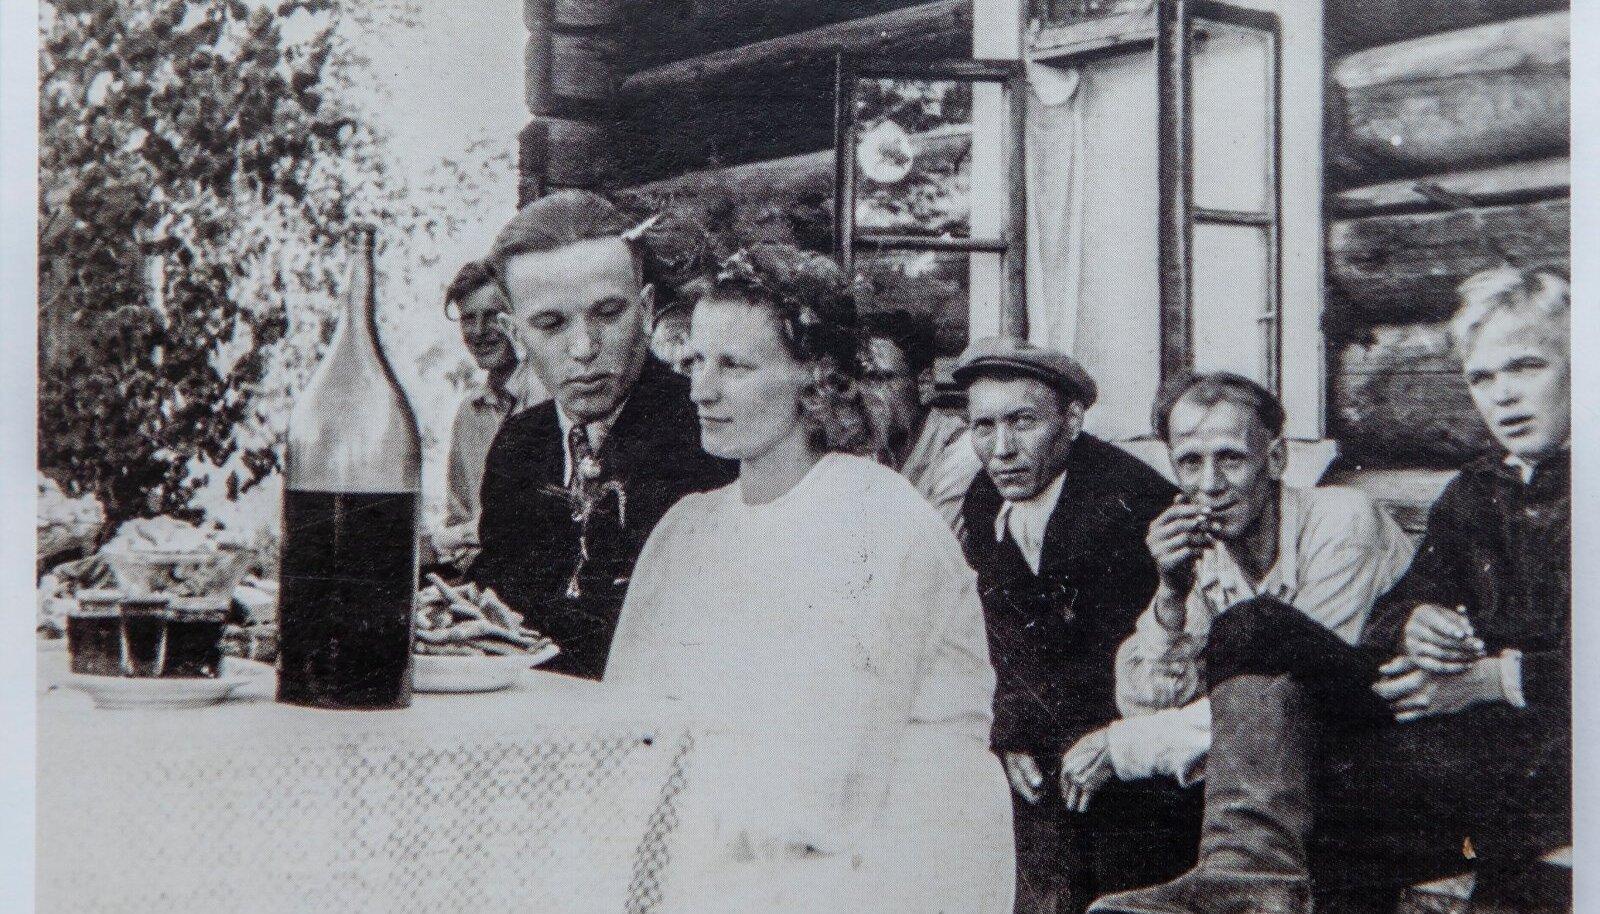 Plaadiga koos oleval postkaardil on Elmi ja Eindri Kurg oma pulmapäeval Liliengolfi külas Tomski oblastis 1957. aastal.